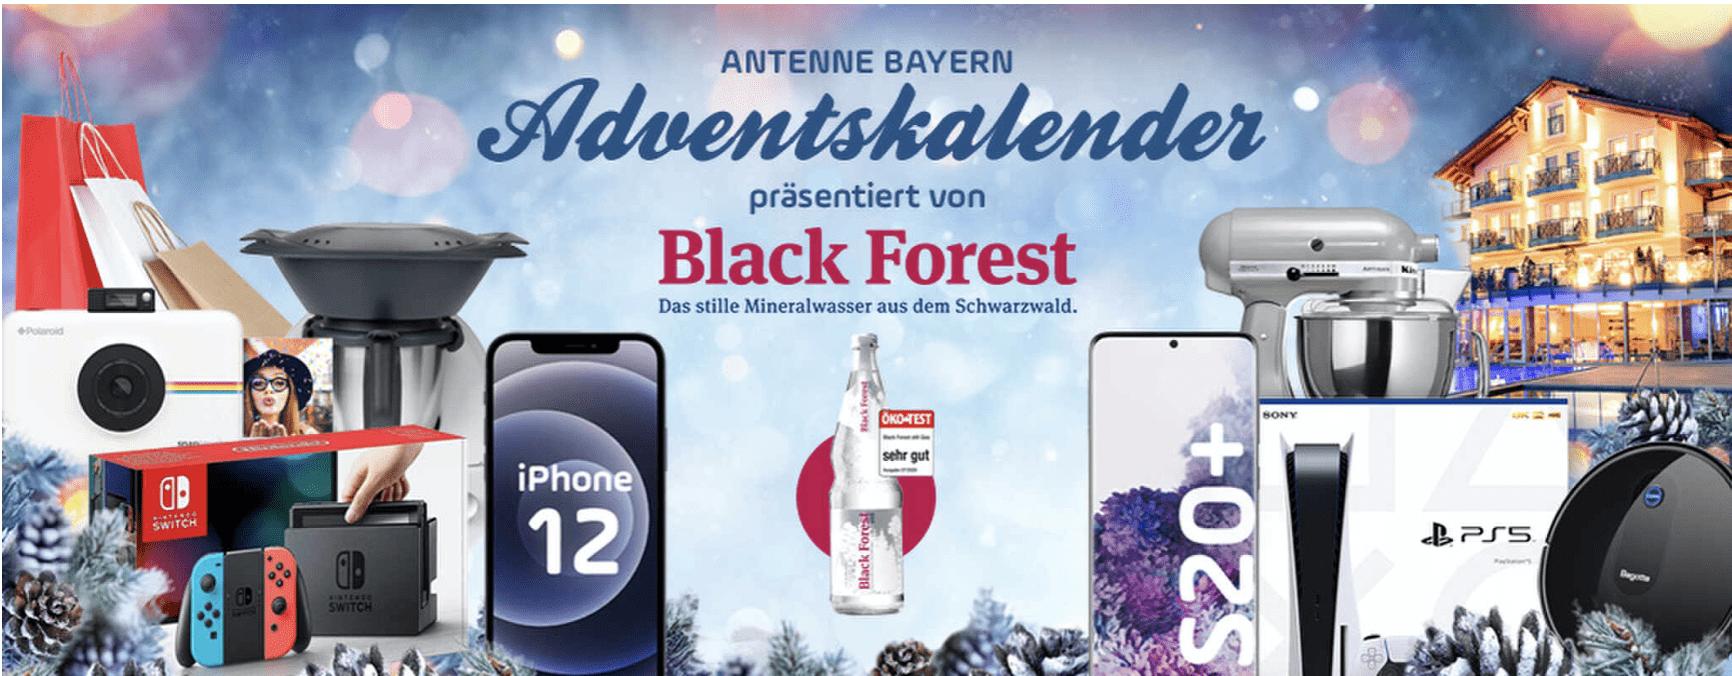 Antenne Bayern Cases Adventskalender-Gewinnspiel